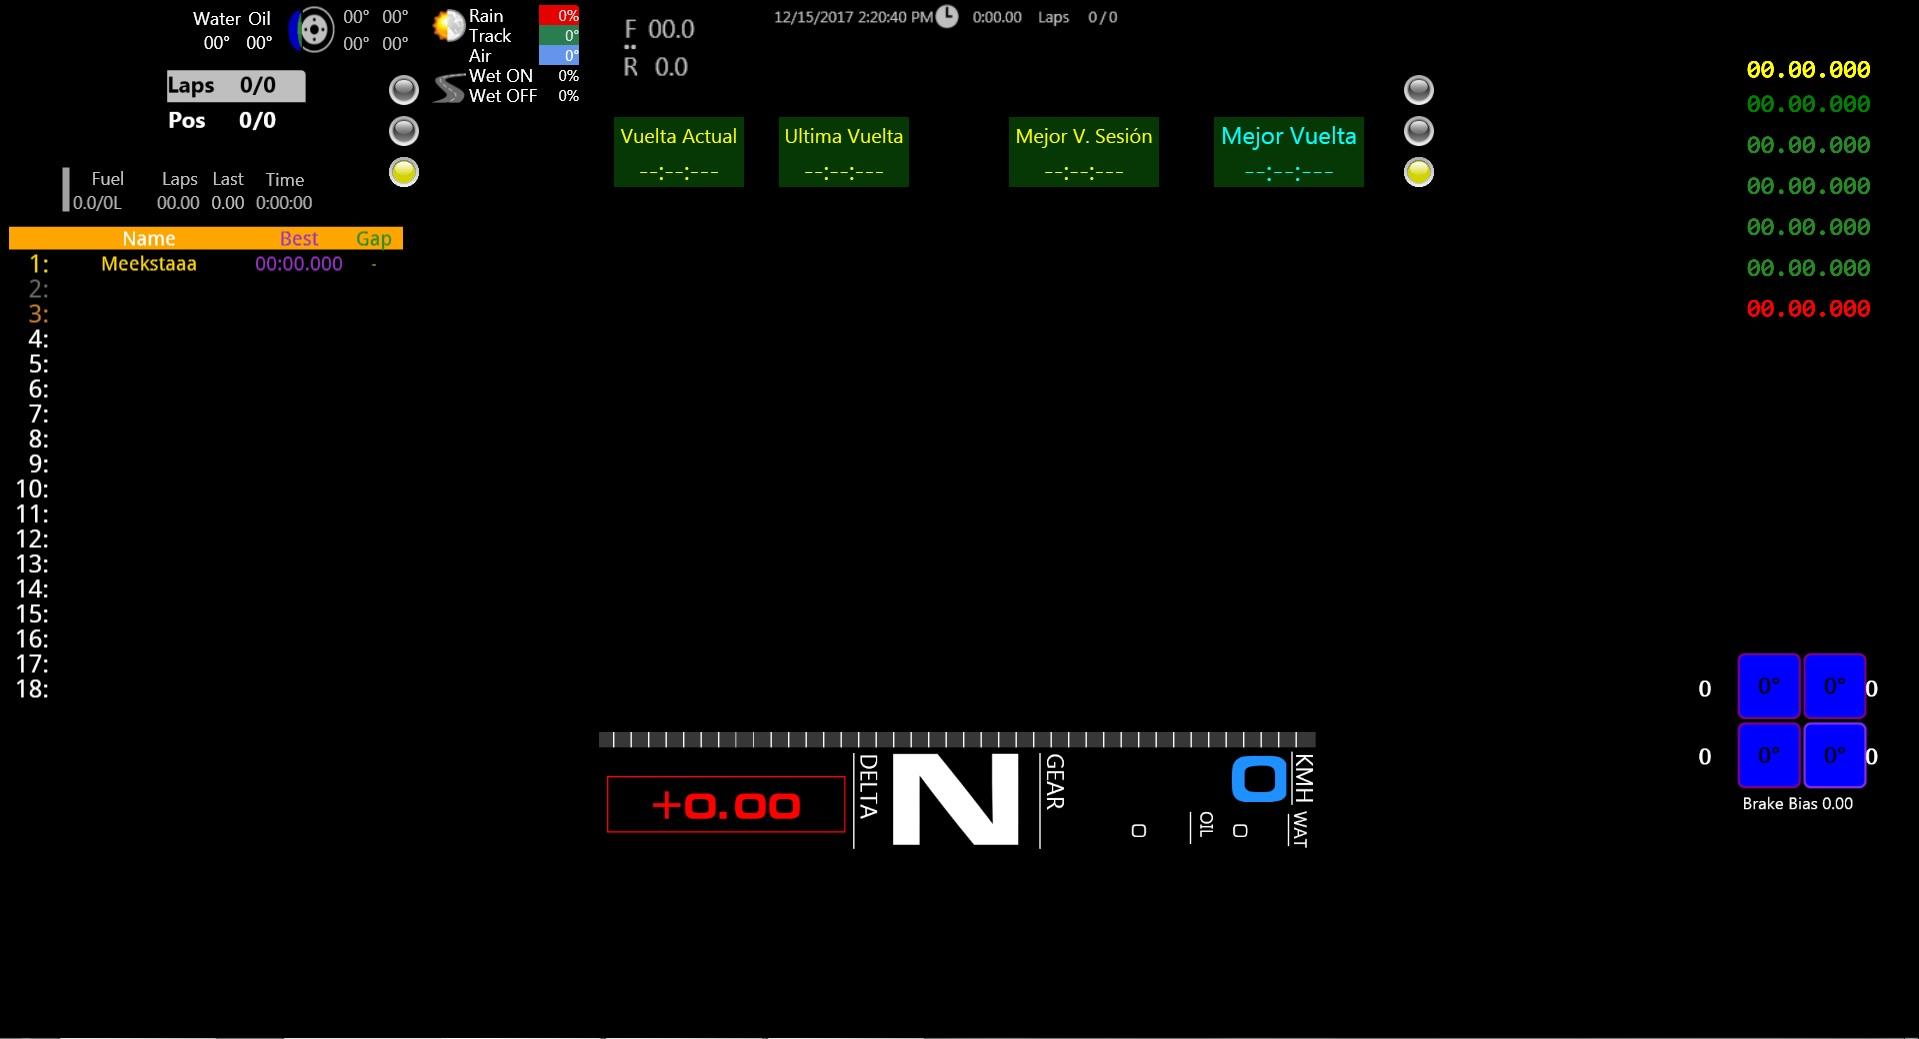 rfactor2 display.jpg